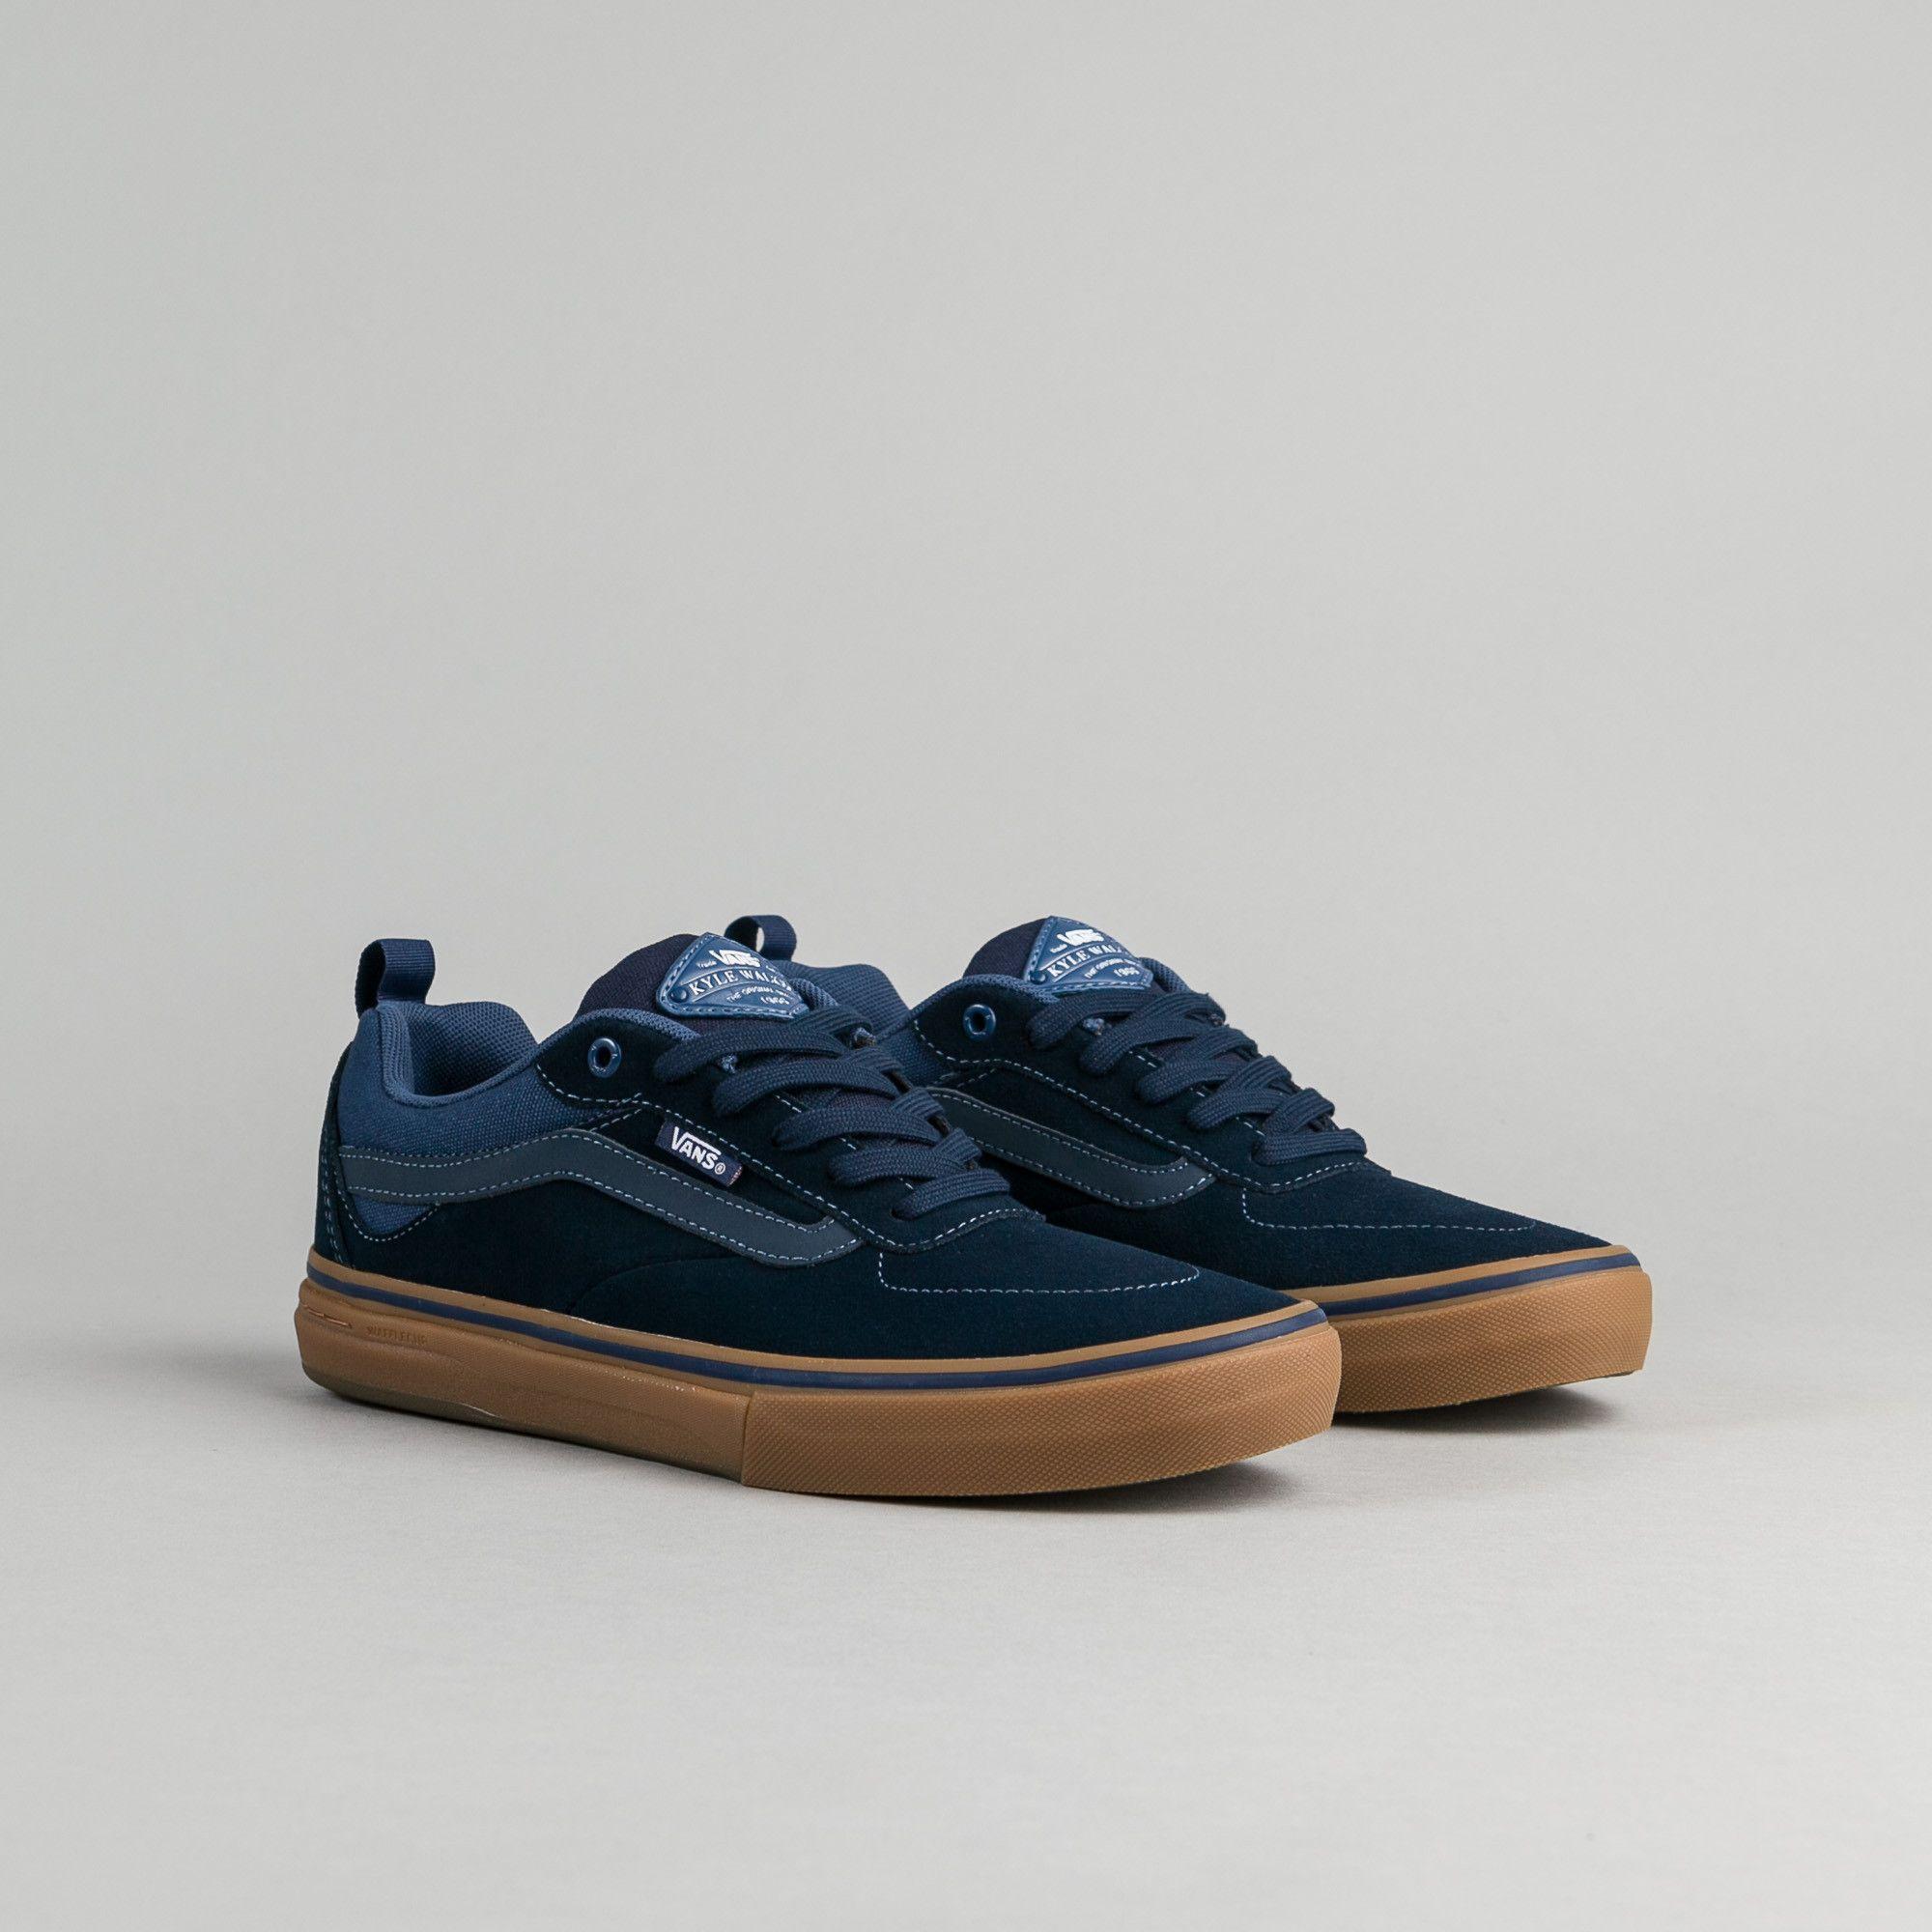 Vans Kyle Walker Pro Shoes - Dress Blues   Gum  f06f01e5b